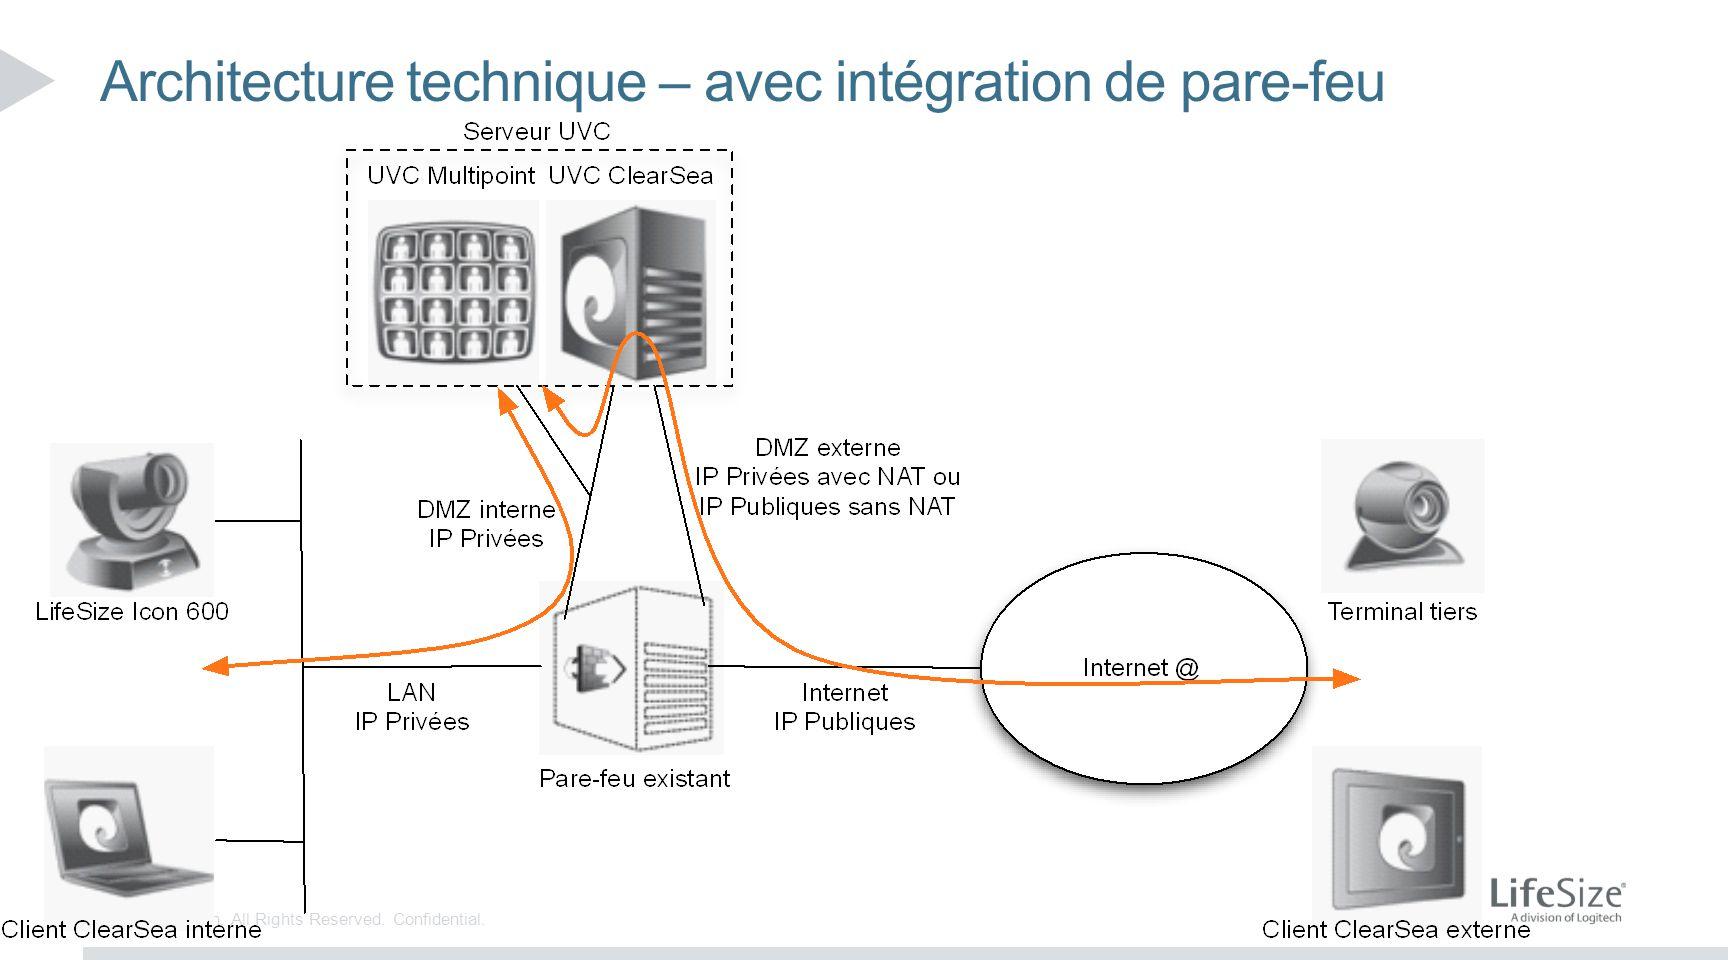 Architecture technique – avec intégration de pare-feu